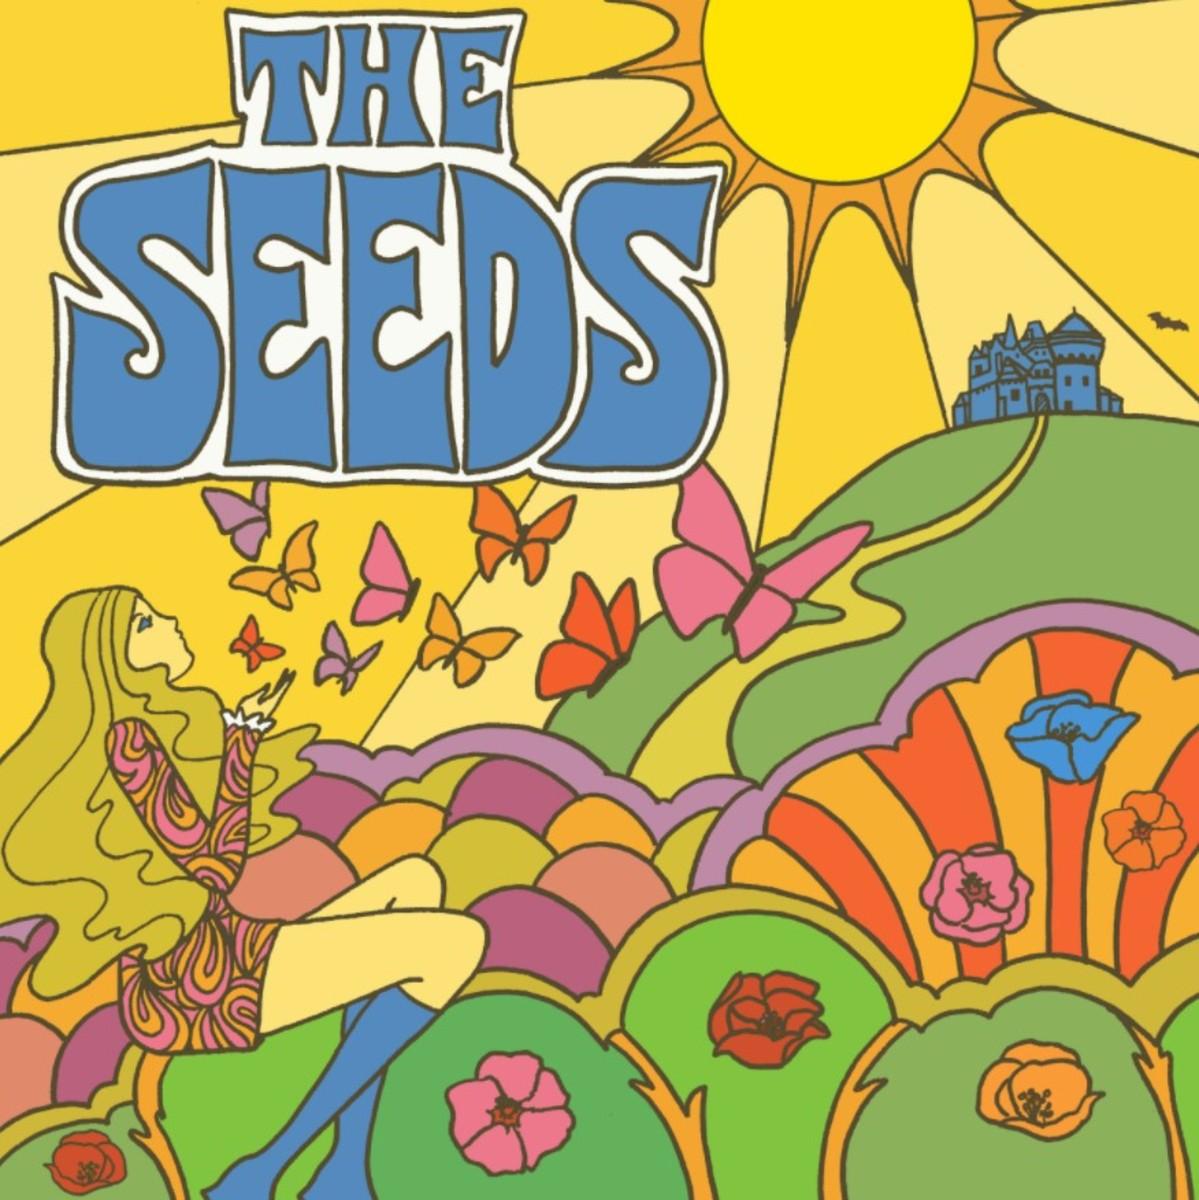 Roan Seeds